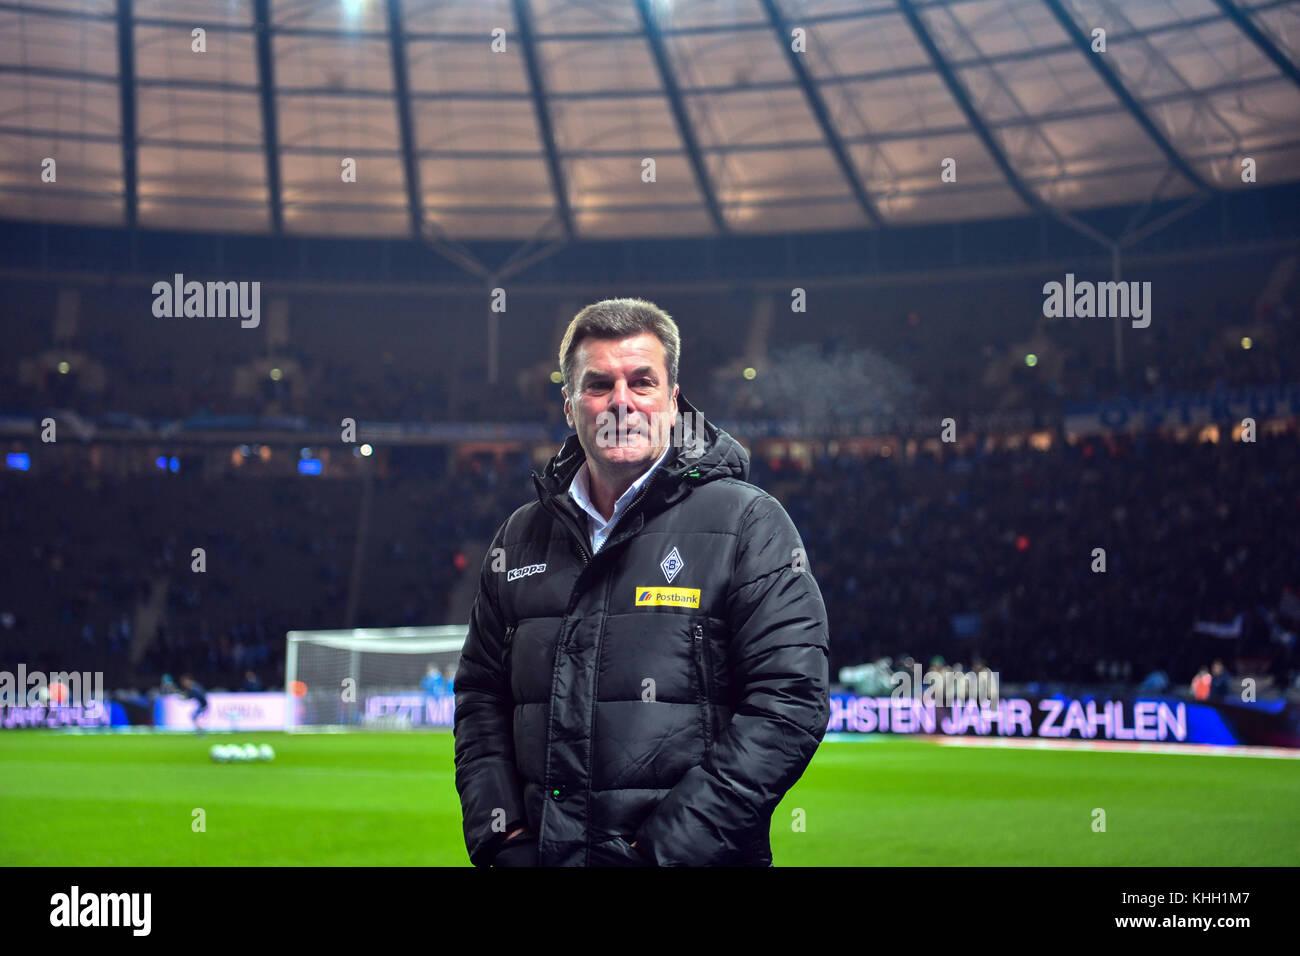 Berlin, Deutschland. 18 Nov, 2017.Mönchengladbach Trainer Dieter Hecking im Olympia Stadion in Berlin, Deutschland Stockbild